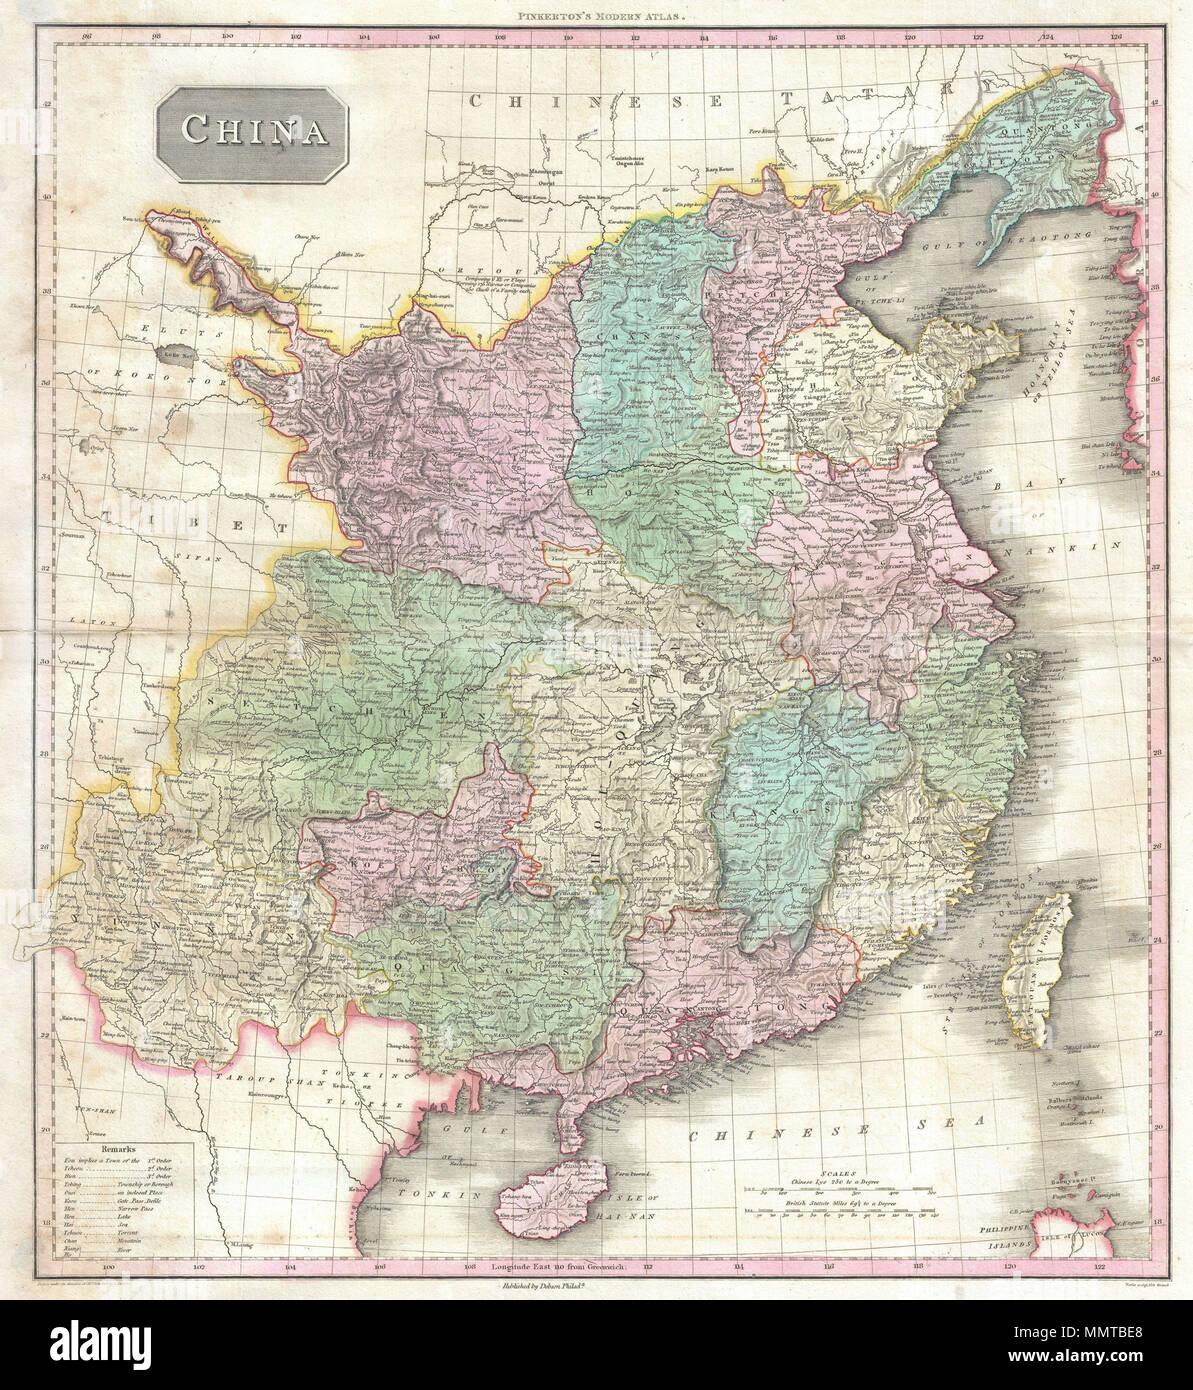 Chinesische Mauer Karte.Englisch John S Pinkerton Sehr Dekorative Karte Von China